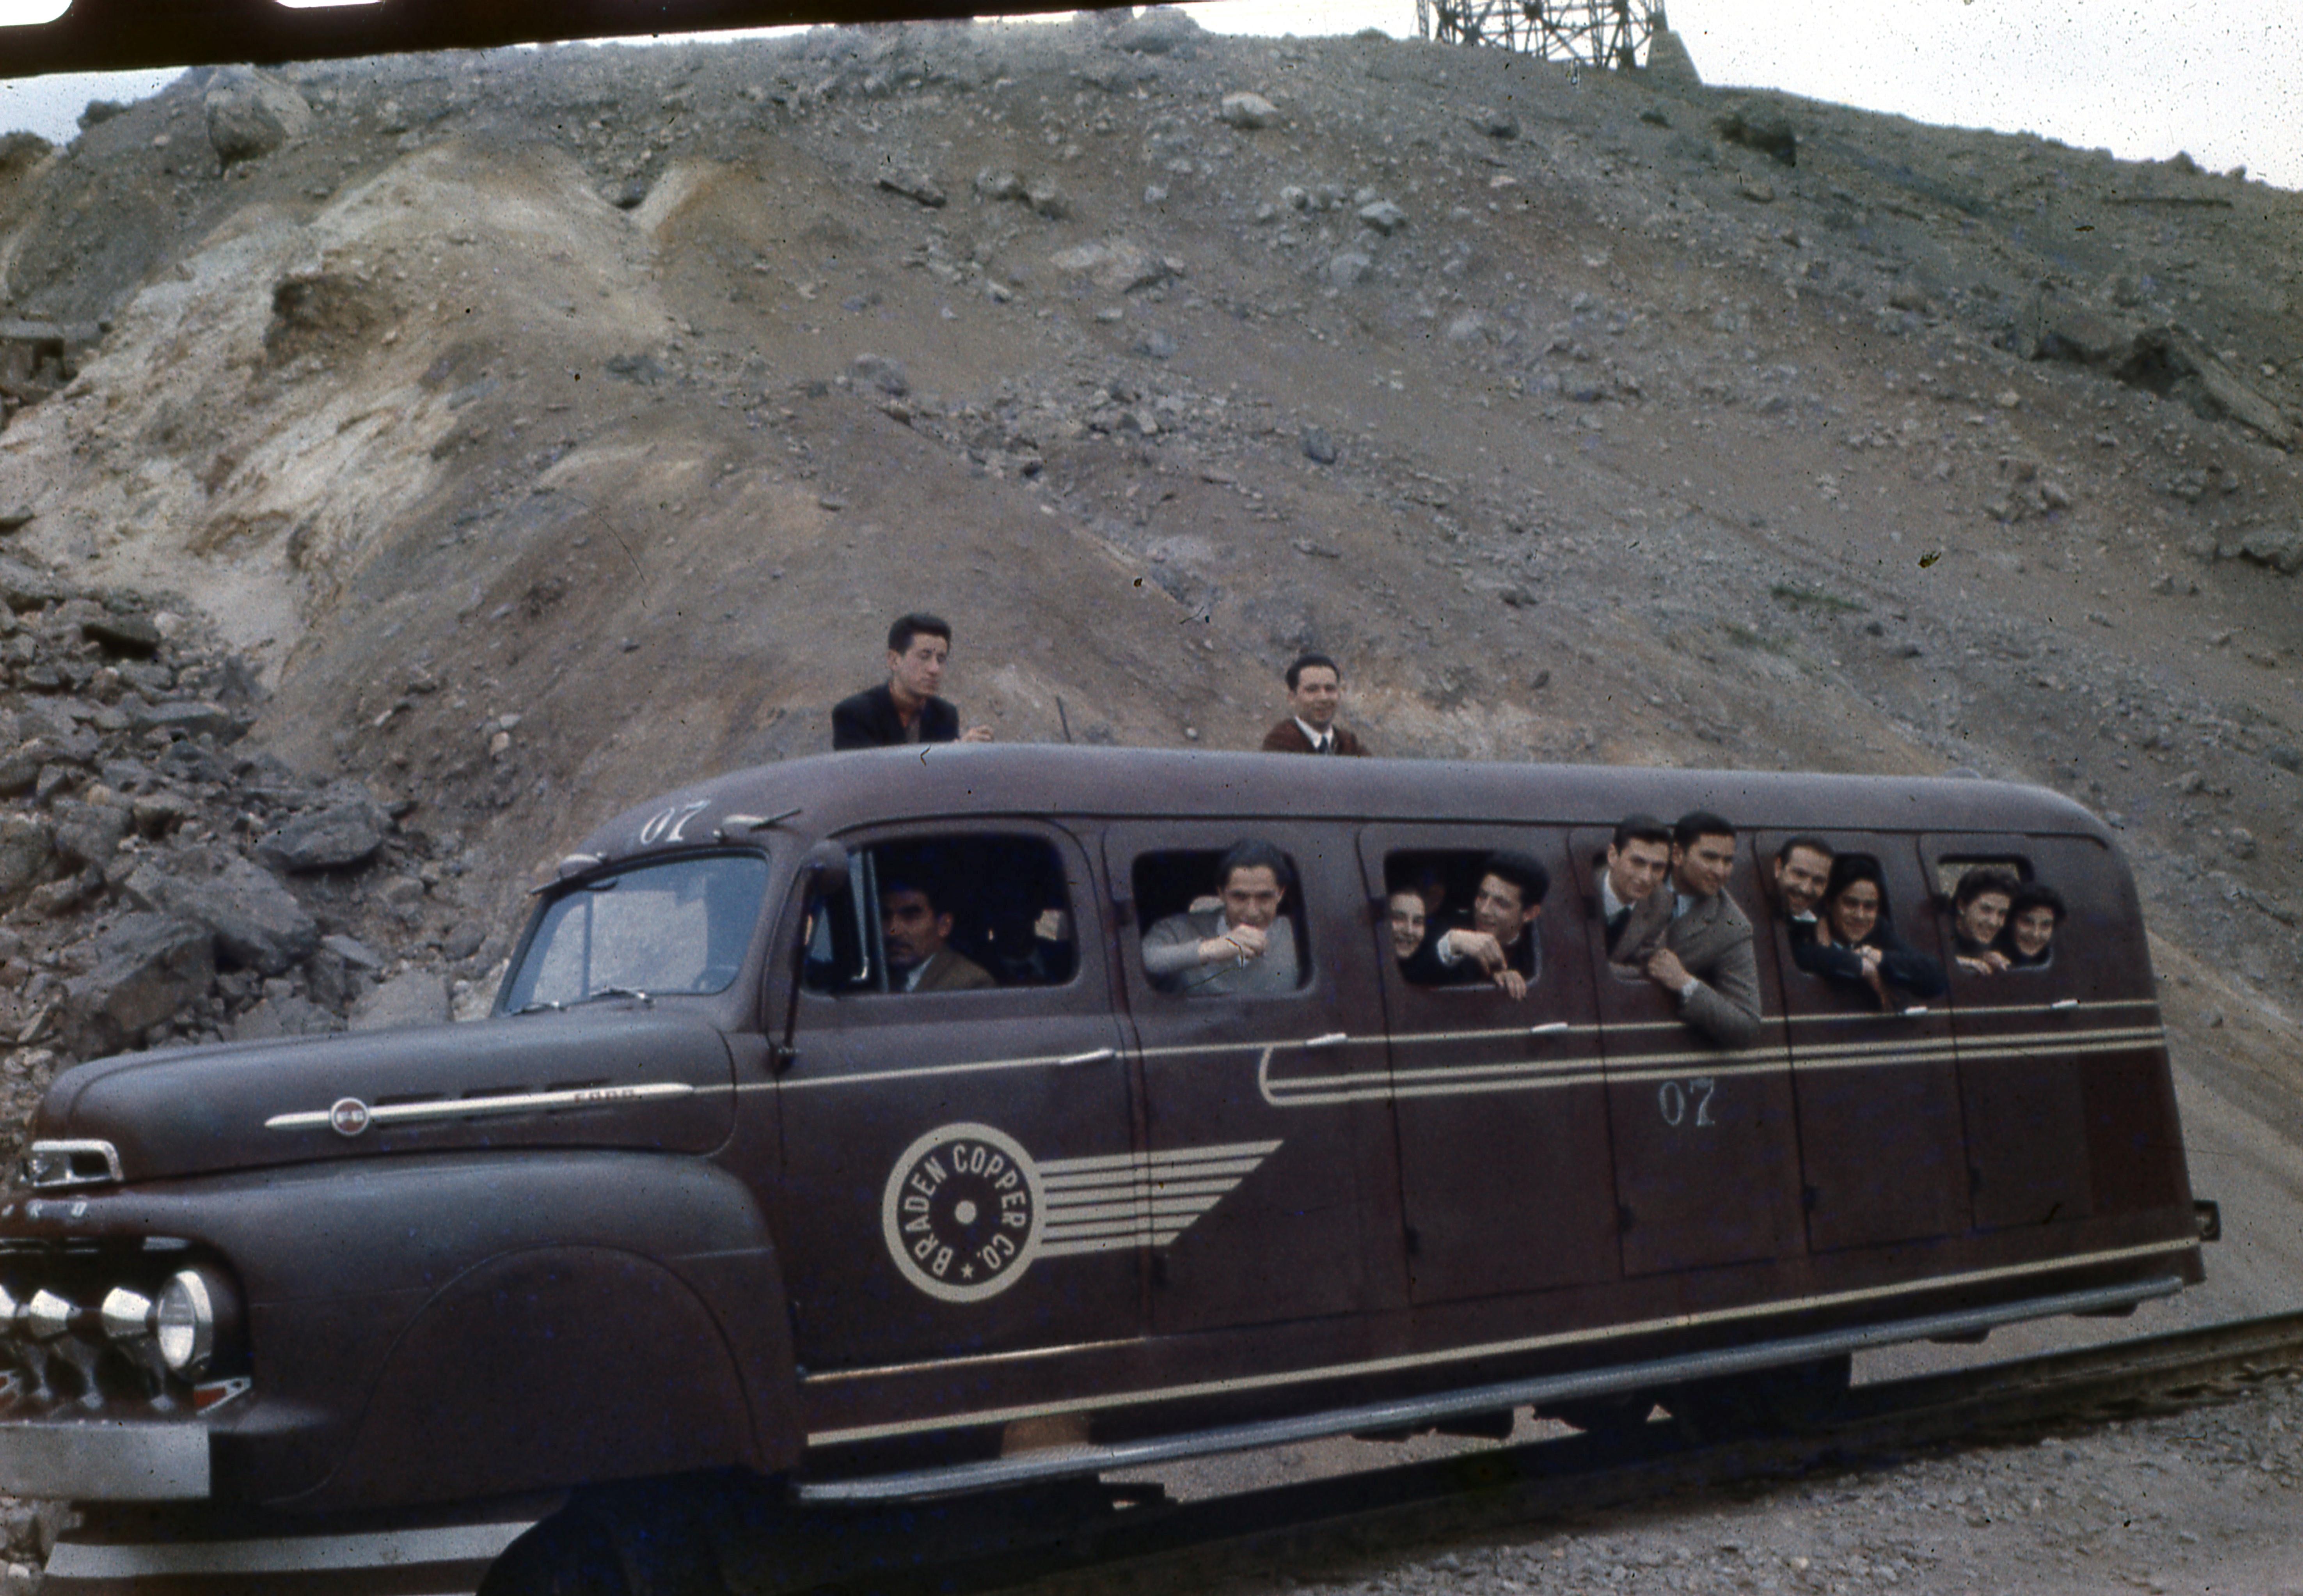 Enterreno - Fotos históricas de chile - fotos antiguas de Chile - Sewell, 1955